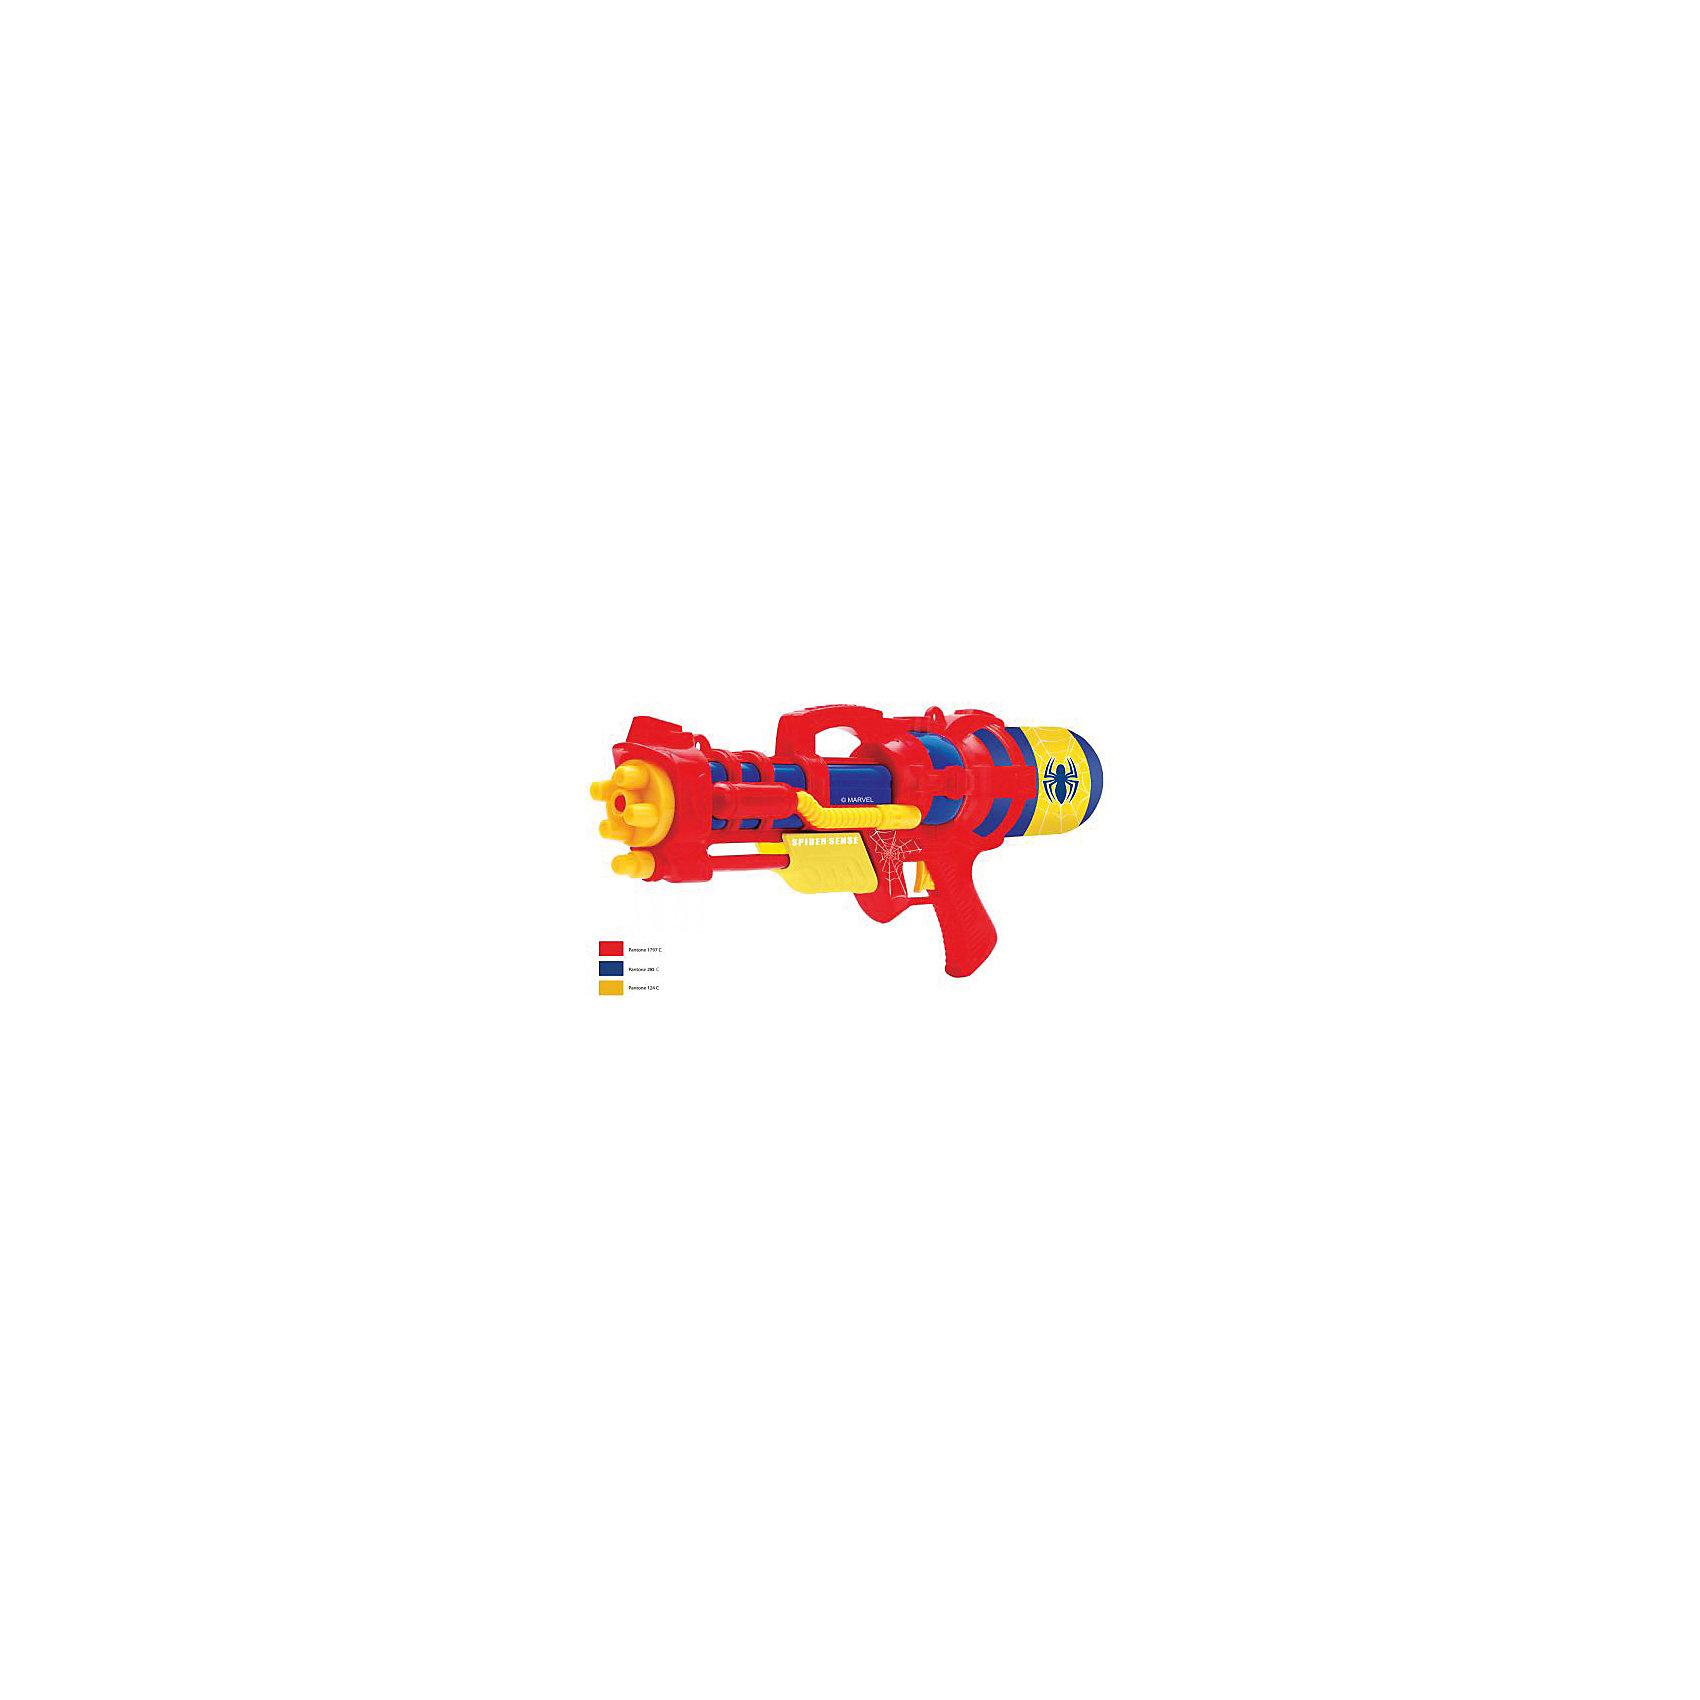 Водный пистолет , 48 см, Человек-ПаукИгрушечное оружие<br>Водный пистолет - идеальный вариант для подвижных игр жарким летом! Мальчишки обожают бегать и устраивать водные перестрелки. Игрушка оформлена изображением паука, имеет оригинальный запоминающийся корпус. Пистолет выполнен из прочного экологичного пластика безопасного для детей. <br><br>Дополнительная информация:<br><br>- Материал: пластик.<br>- Размер: 48 см.<br>- Цвет: красный, синий, желтый. <br><br>Водный пистолет , 48 см, Человек-Паук (Spider-Man) можно купить в нашем магазине.<br><br>Ширина мм: 770<br>Глубина мм: 290<br>Высота мм: 1010<br>Вес г: 630<br>Возраст от месяцев: 36<br>Возраст до месяцев: 120<br>Пол: Мужской<br>Возраст: Детский<br>SKU: 4616822